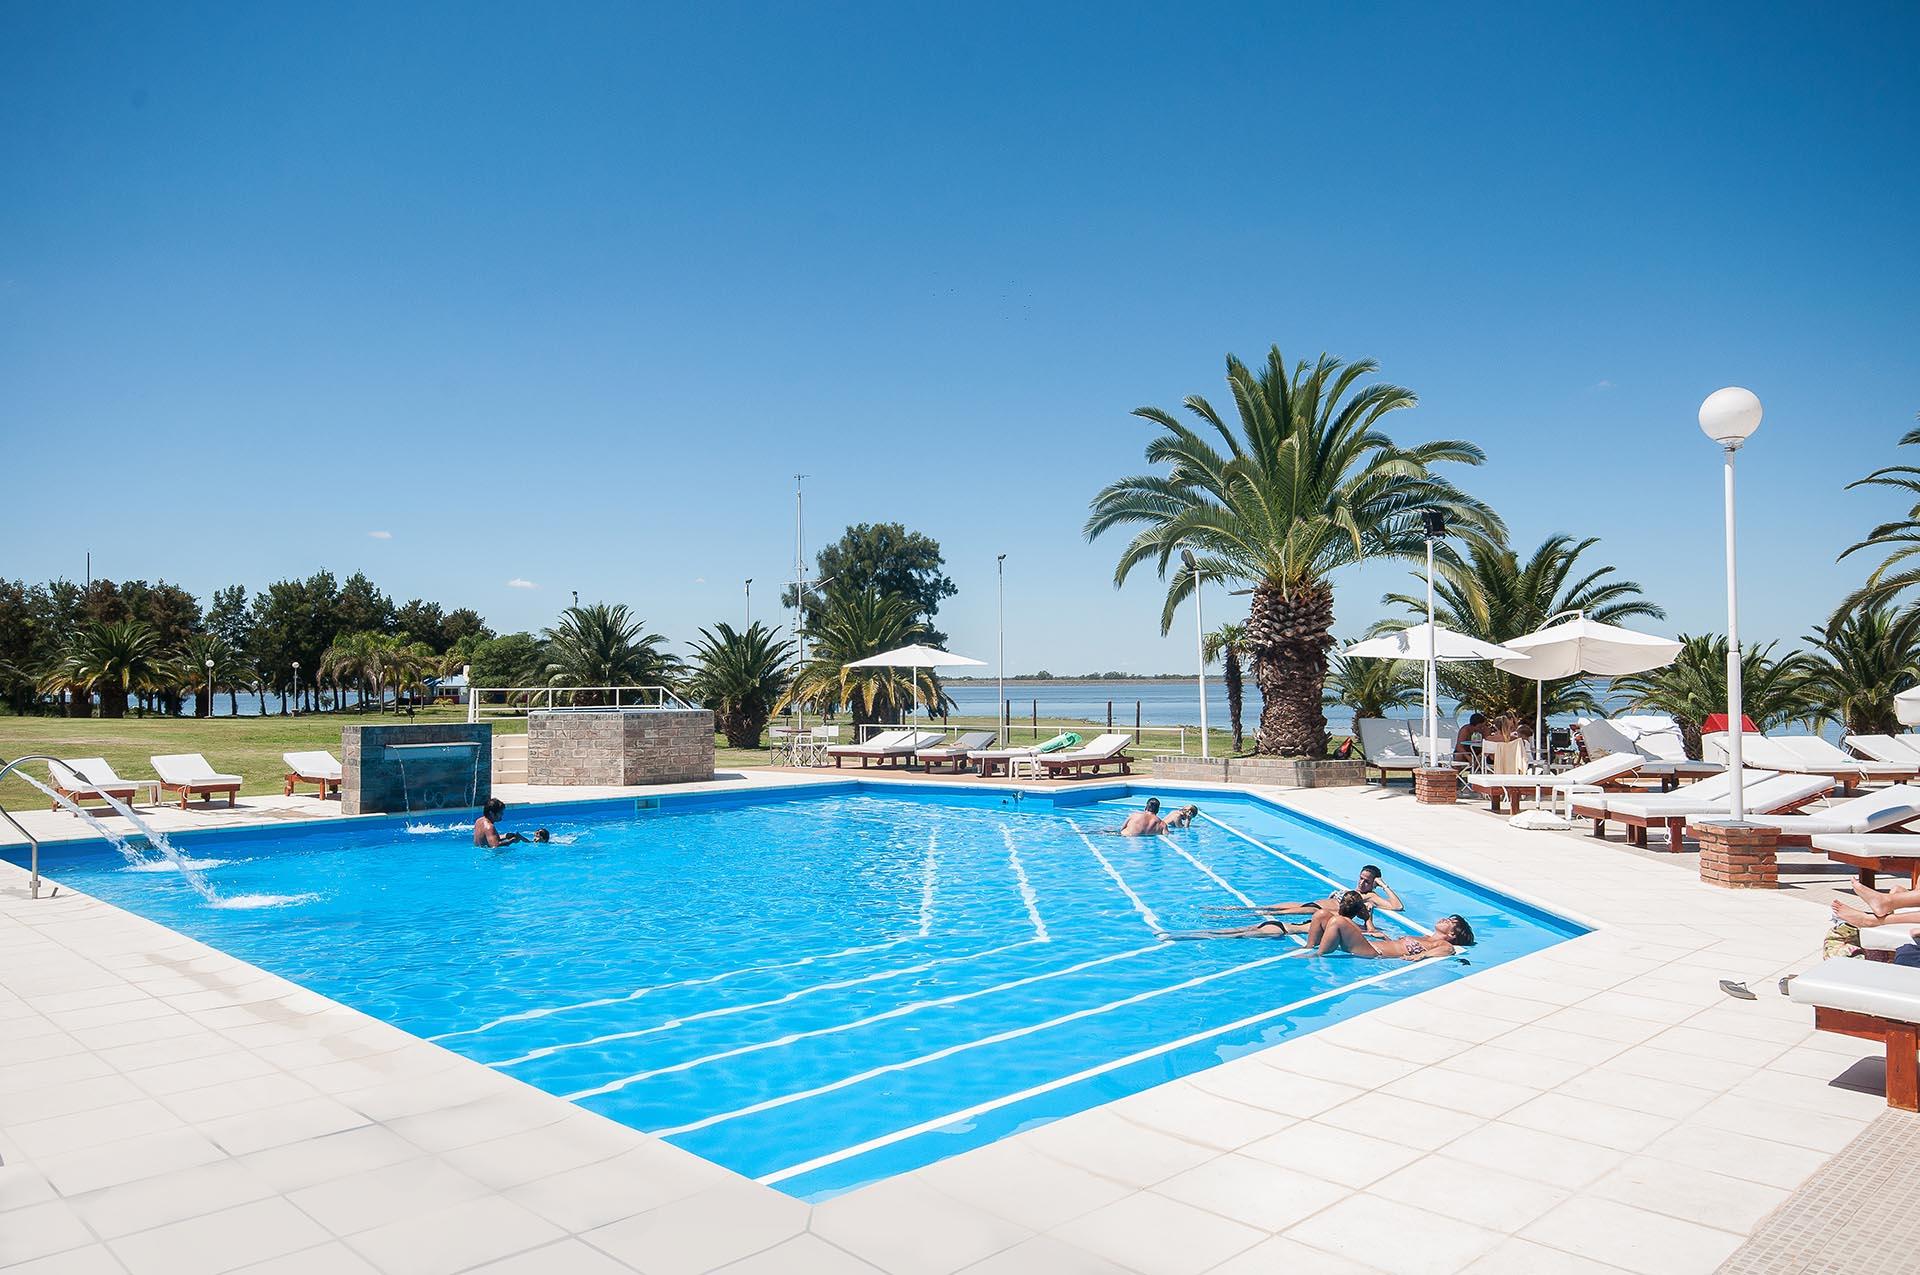 Una ciudad renovada. Al relax de las termas en Río Hondo, Santiago del Estero, se le suma la adrenalina de los deportes acuáticos y del Autódromo, ideal para los amantes de los motores.